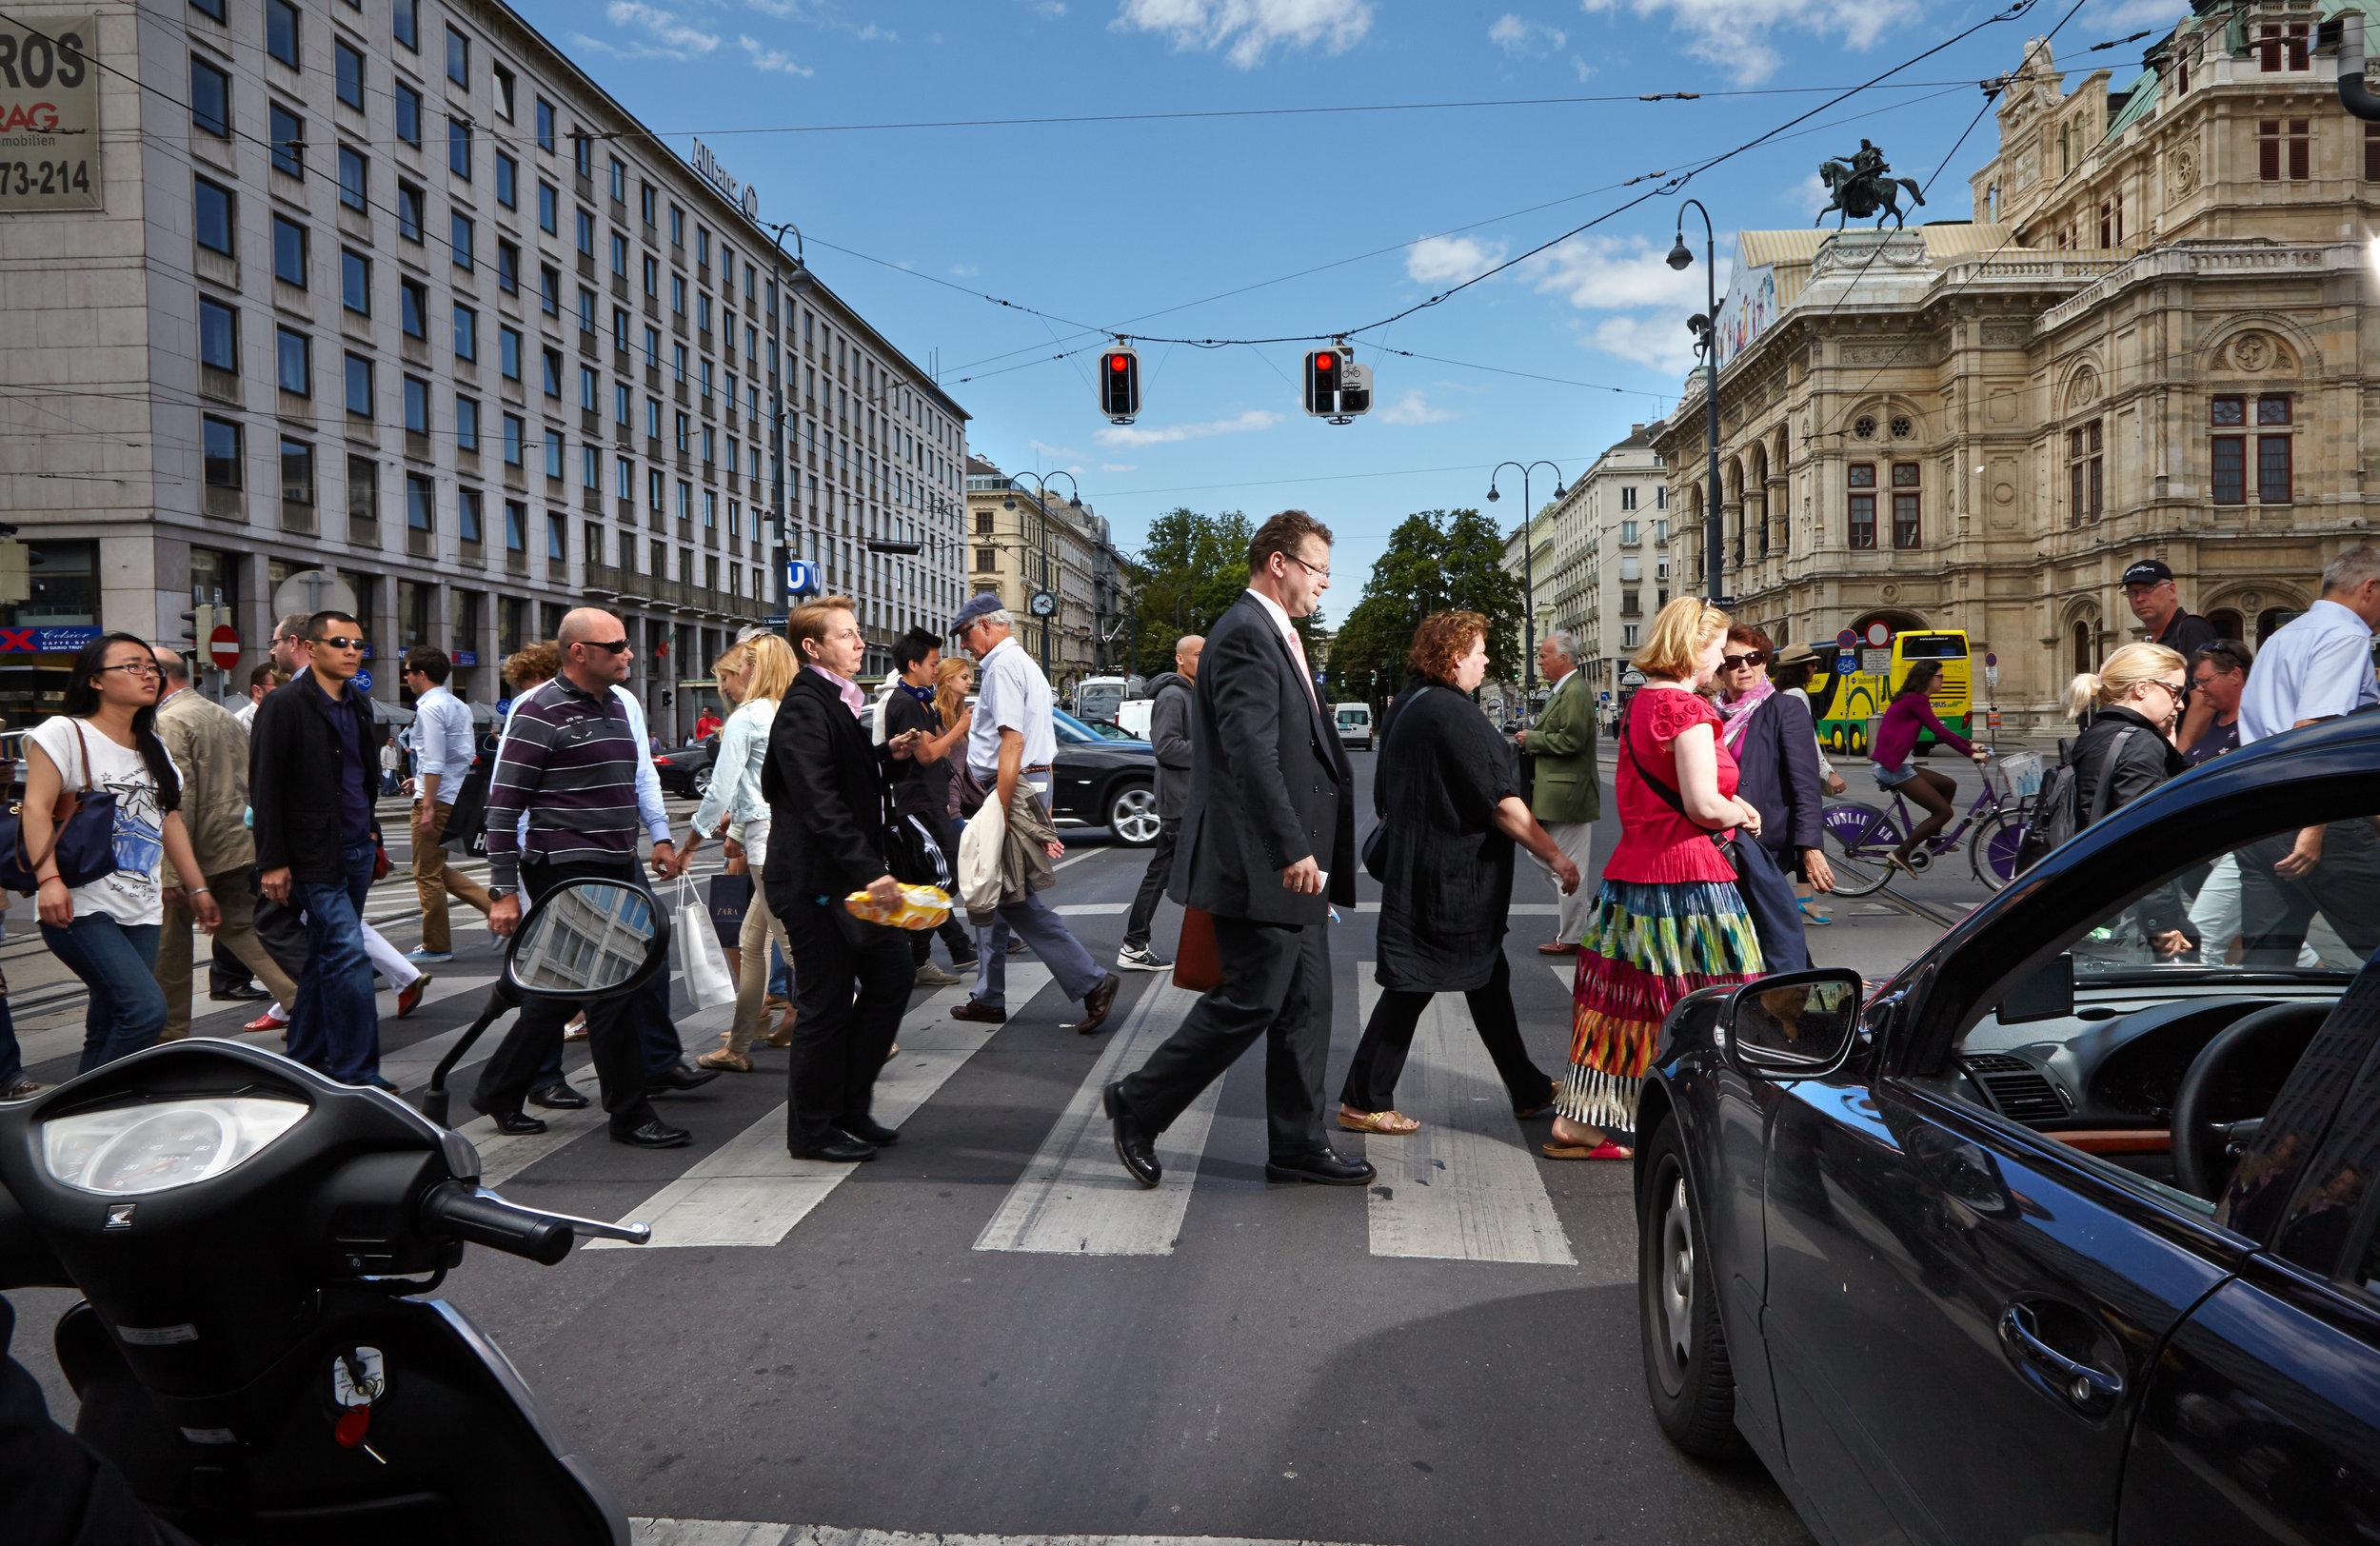 Poike_Stomps_8_Vienna_Crossing_Europe (1 van 1).jpg